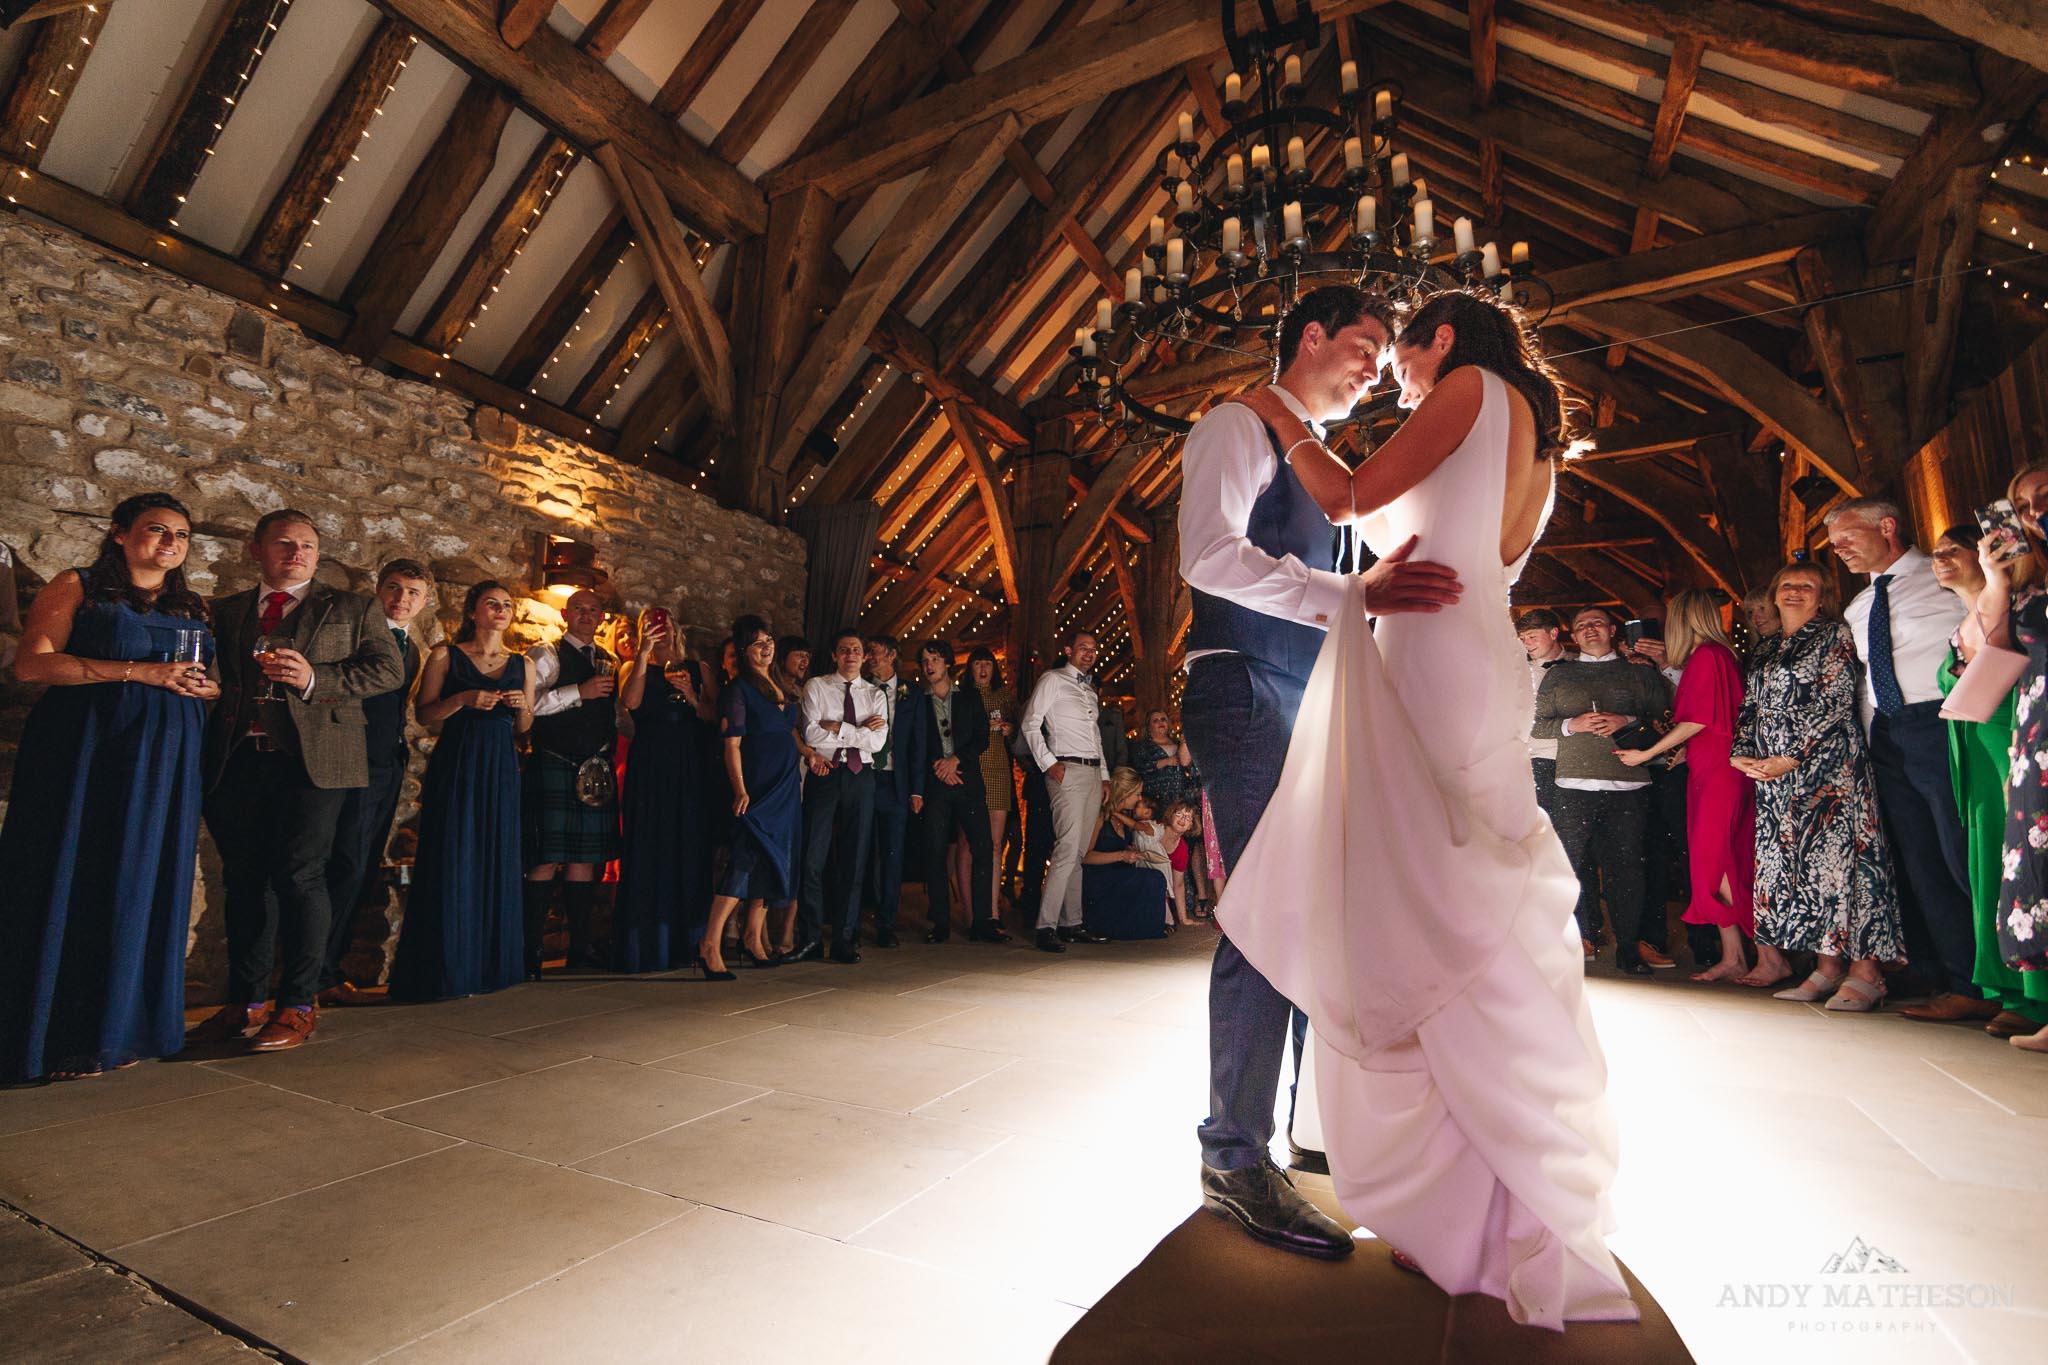 Tithe Barn Bolton Abbey Wedding Photographer_Andy Matheson_090.jpg